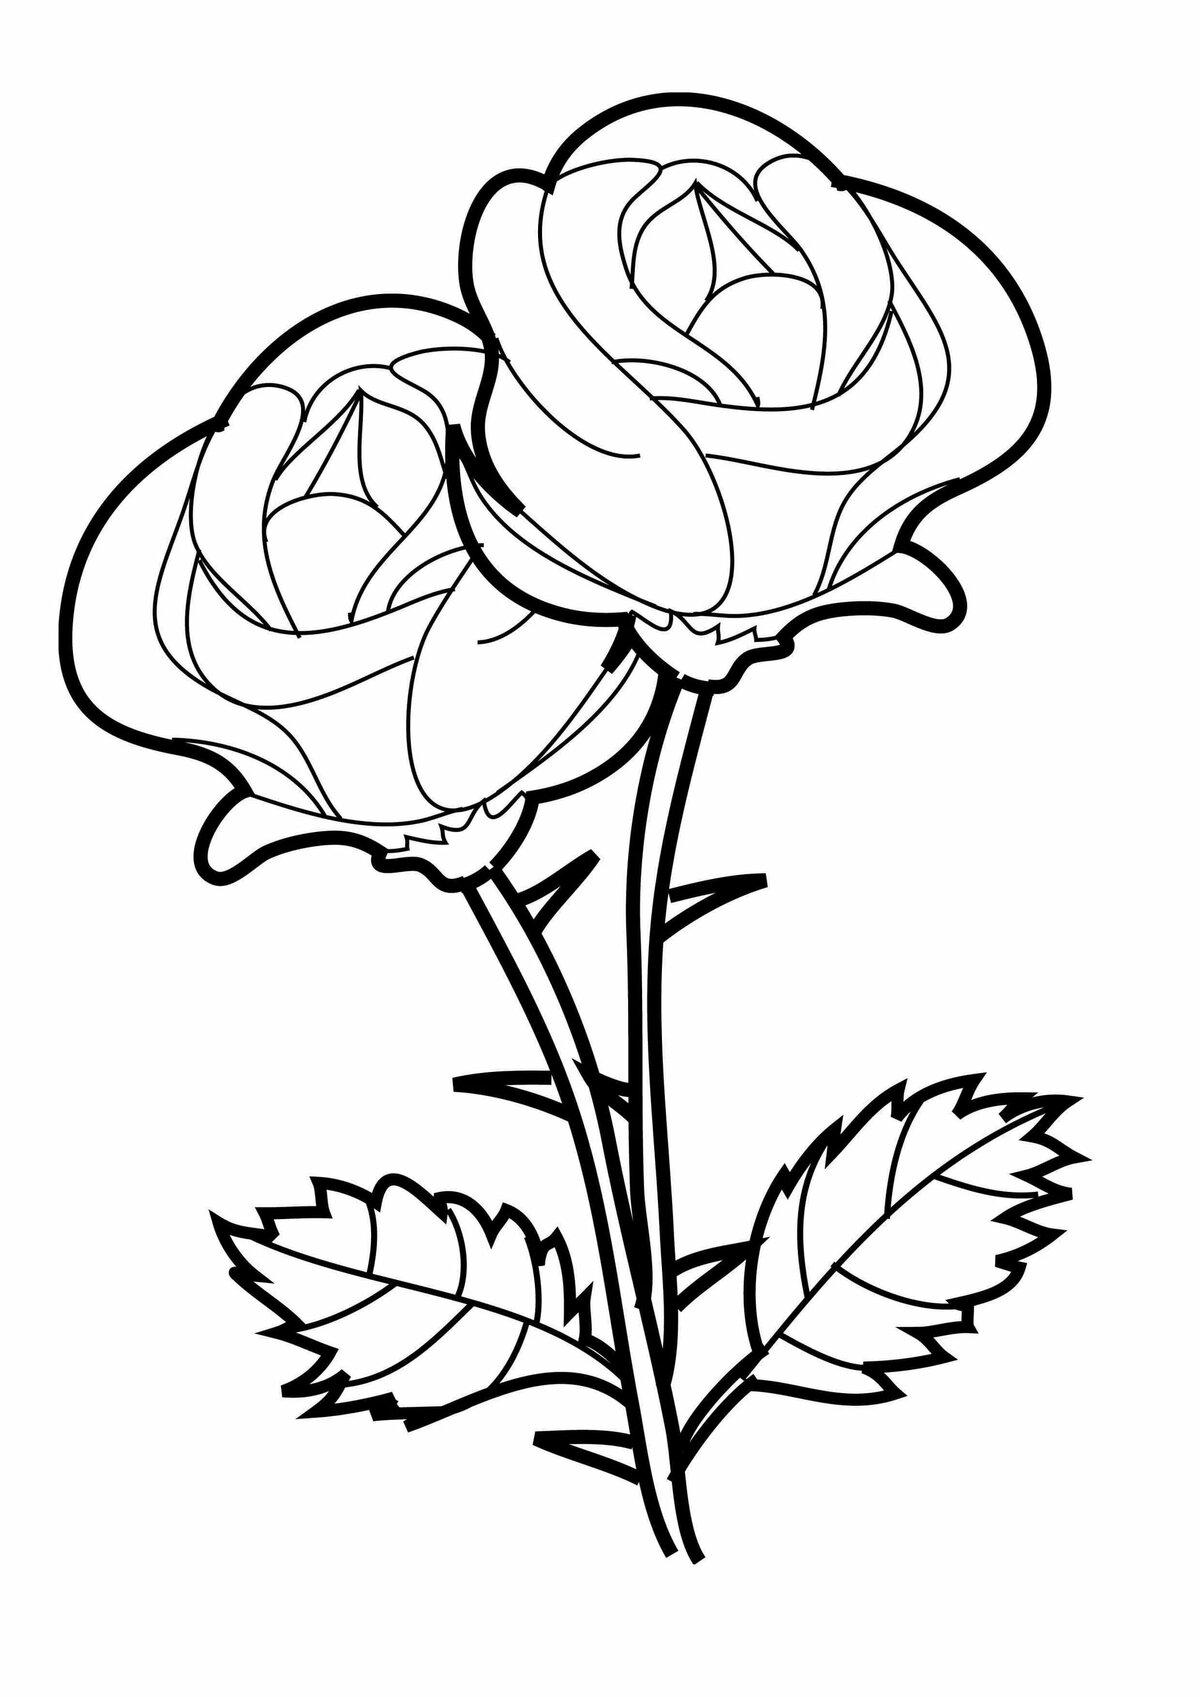 просто рисунки с букетами роз создаёт прекрасную